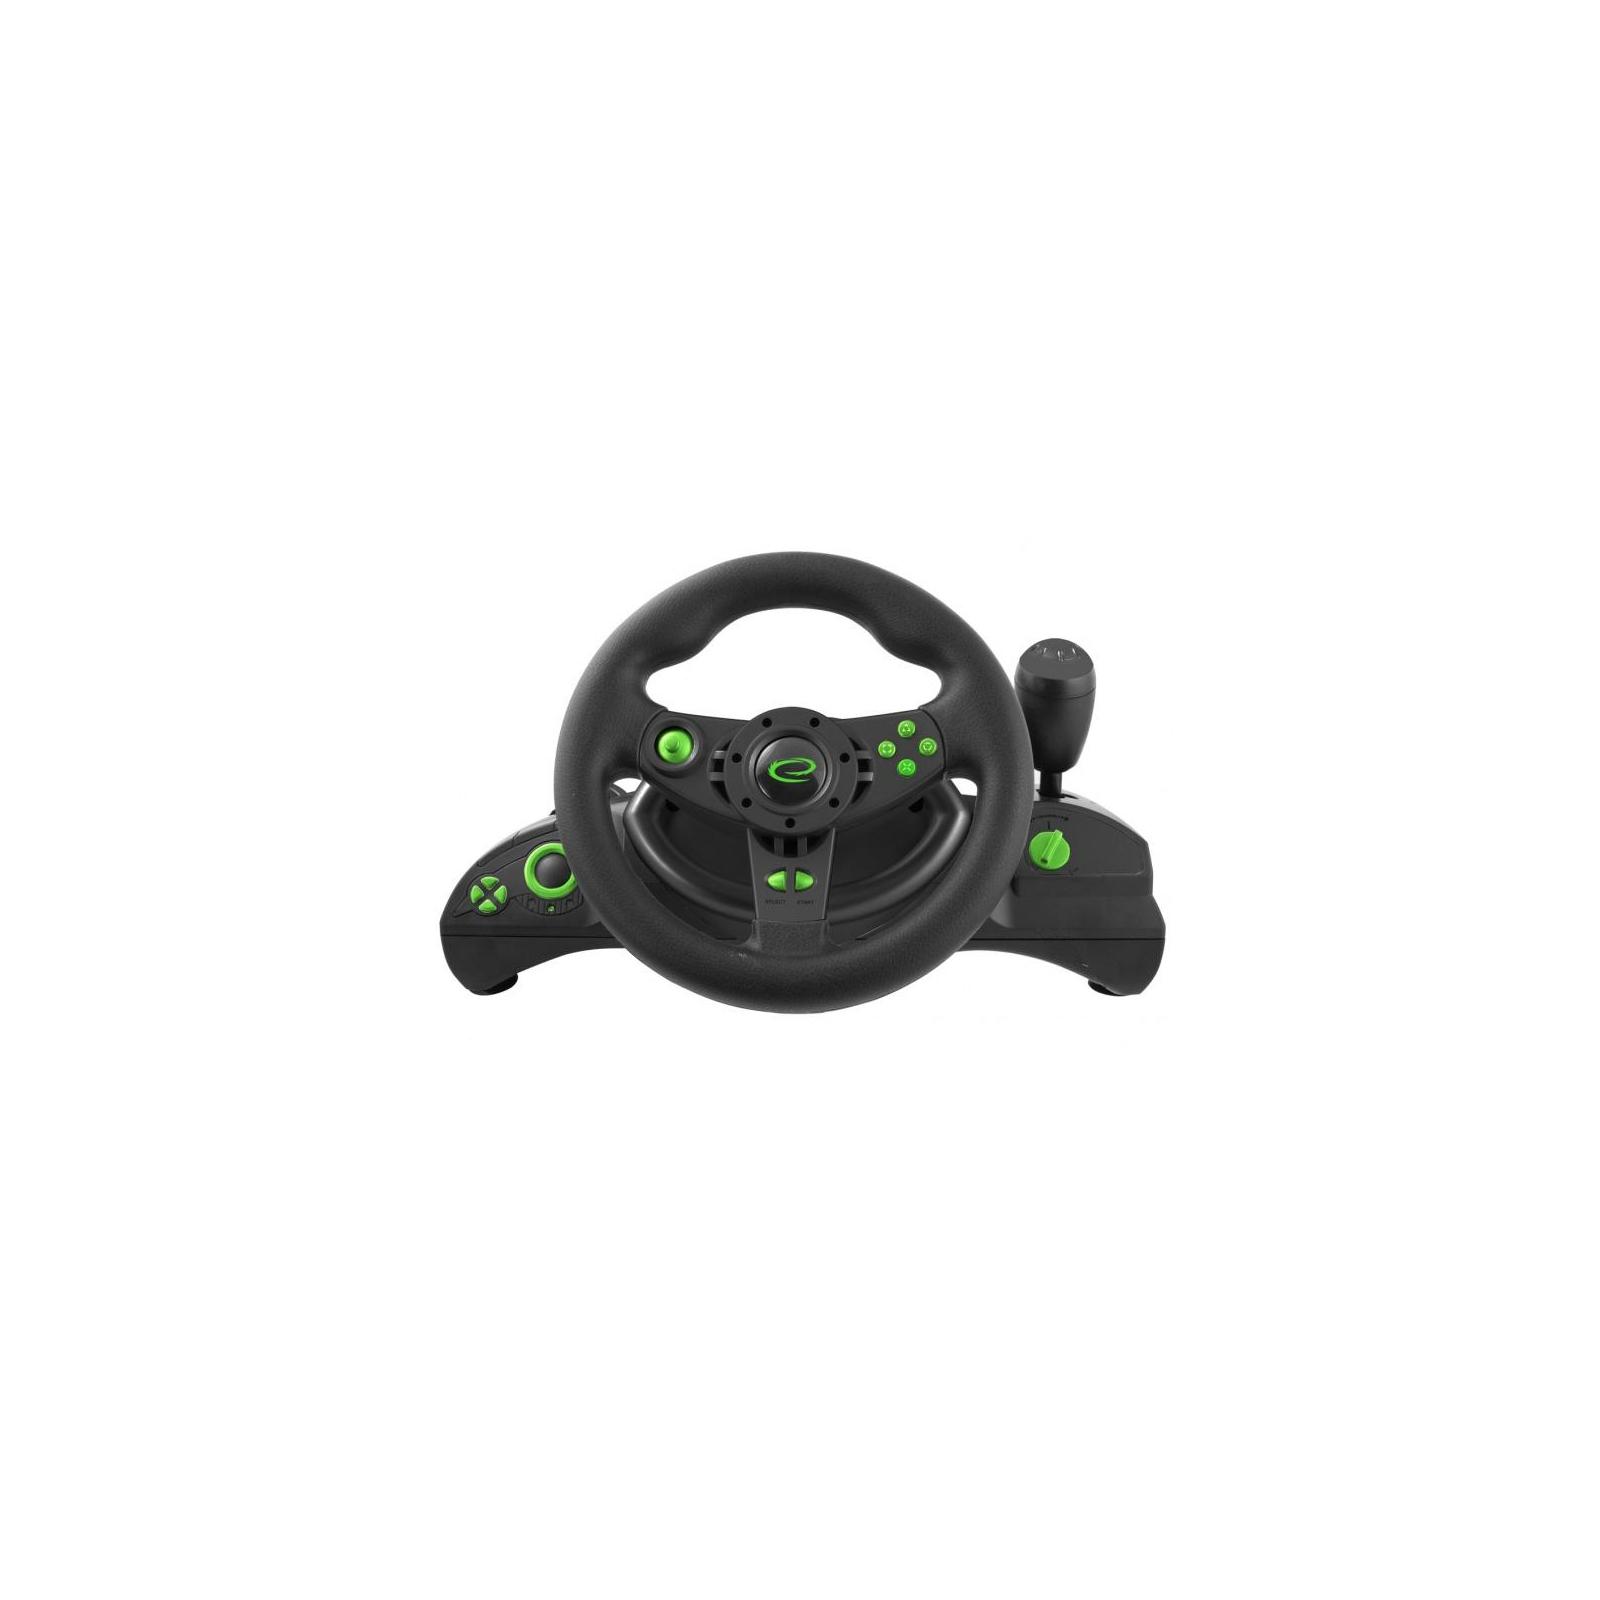 Руль Esperanza PC/PS3 Black-Green (EGW102) изображение 3